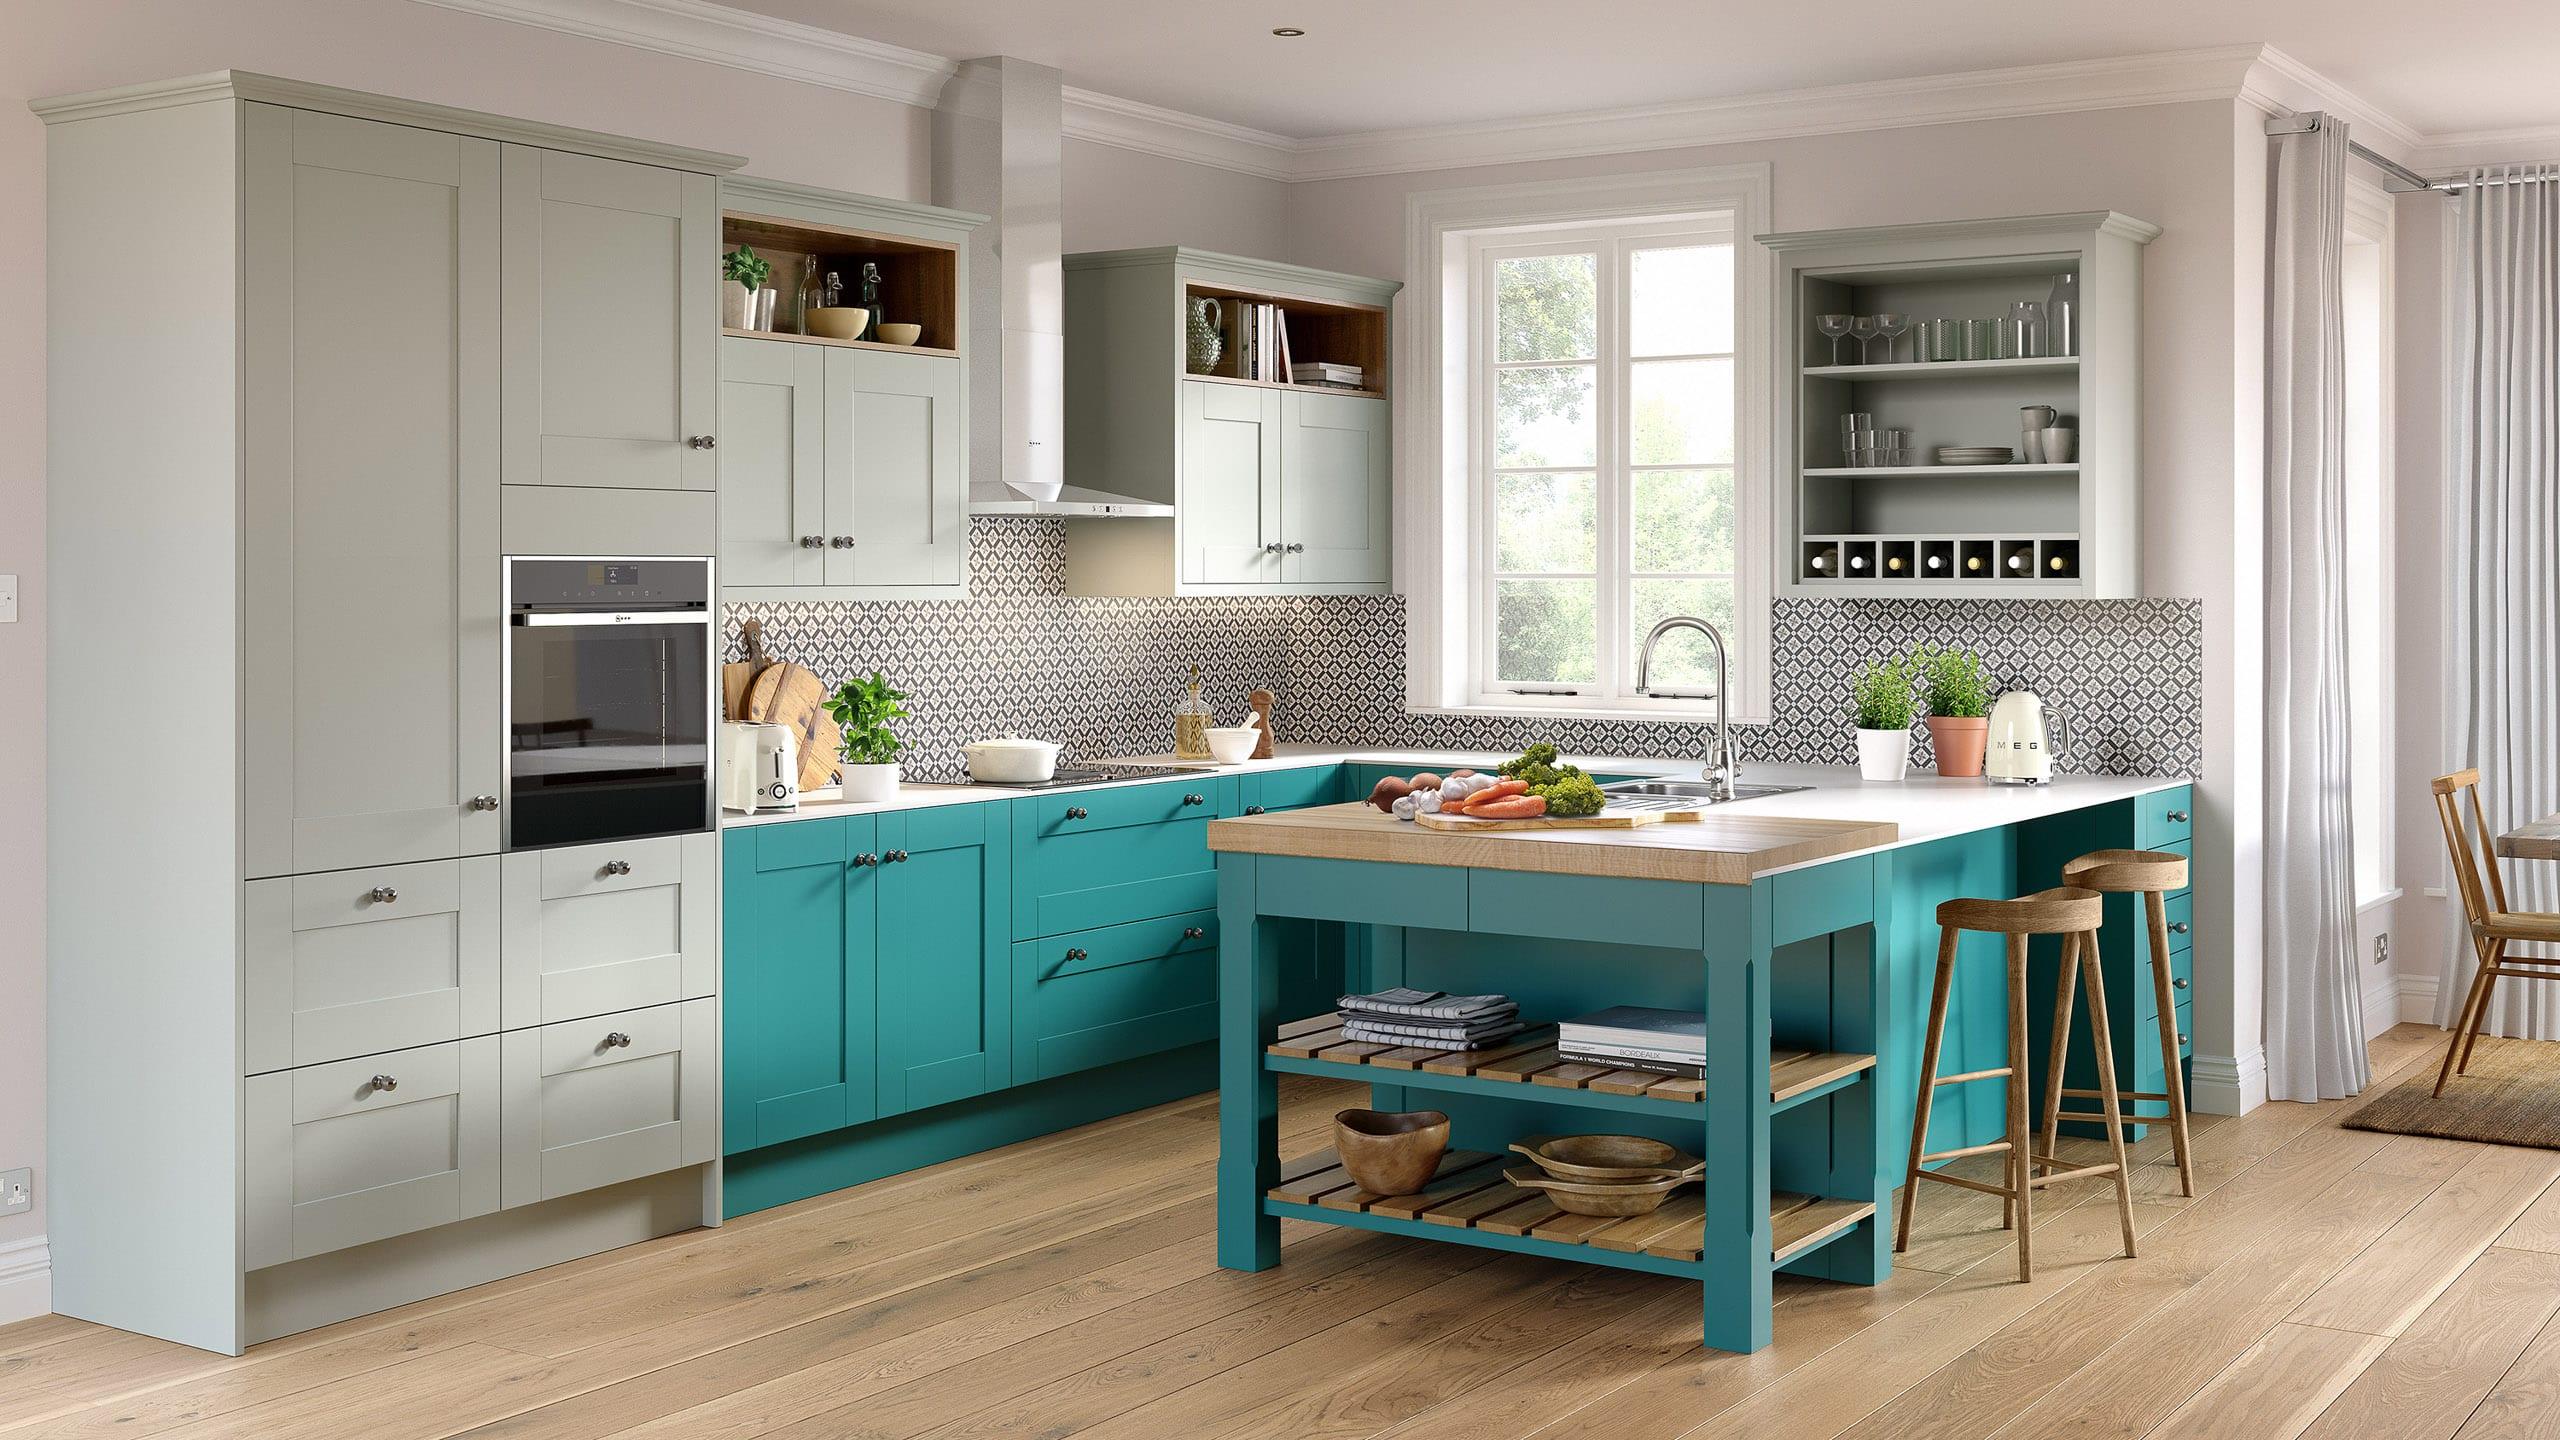 Nouveau Turquoise - Light Blue - kitchen